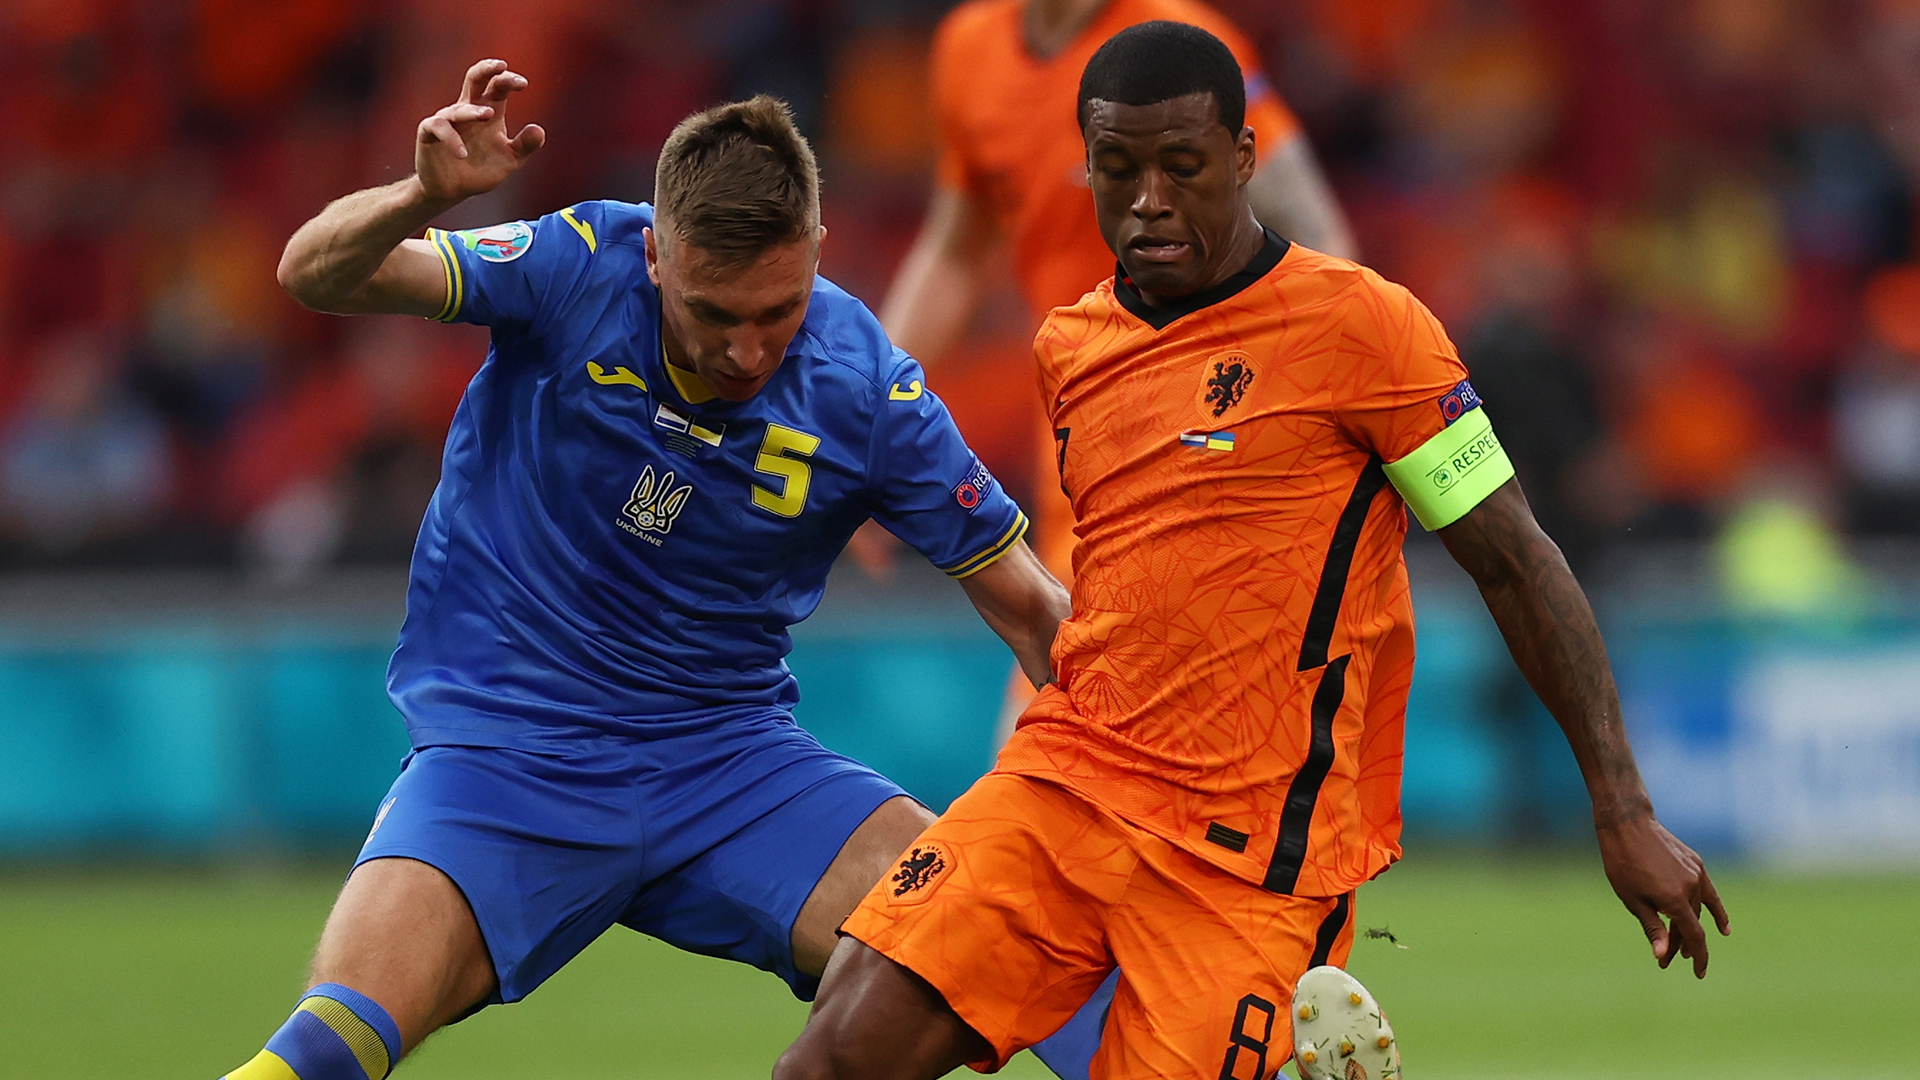 Euro 2020 : les Pays-Bas réussissent leur grand retour en battant l'Ukraine  dans un match fou